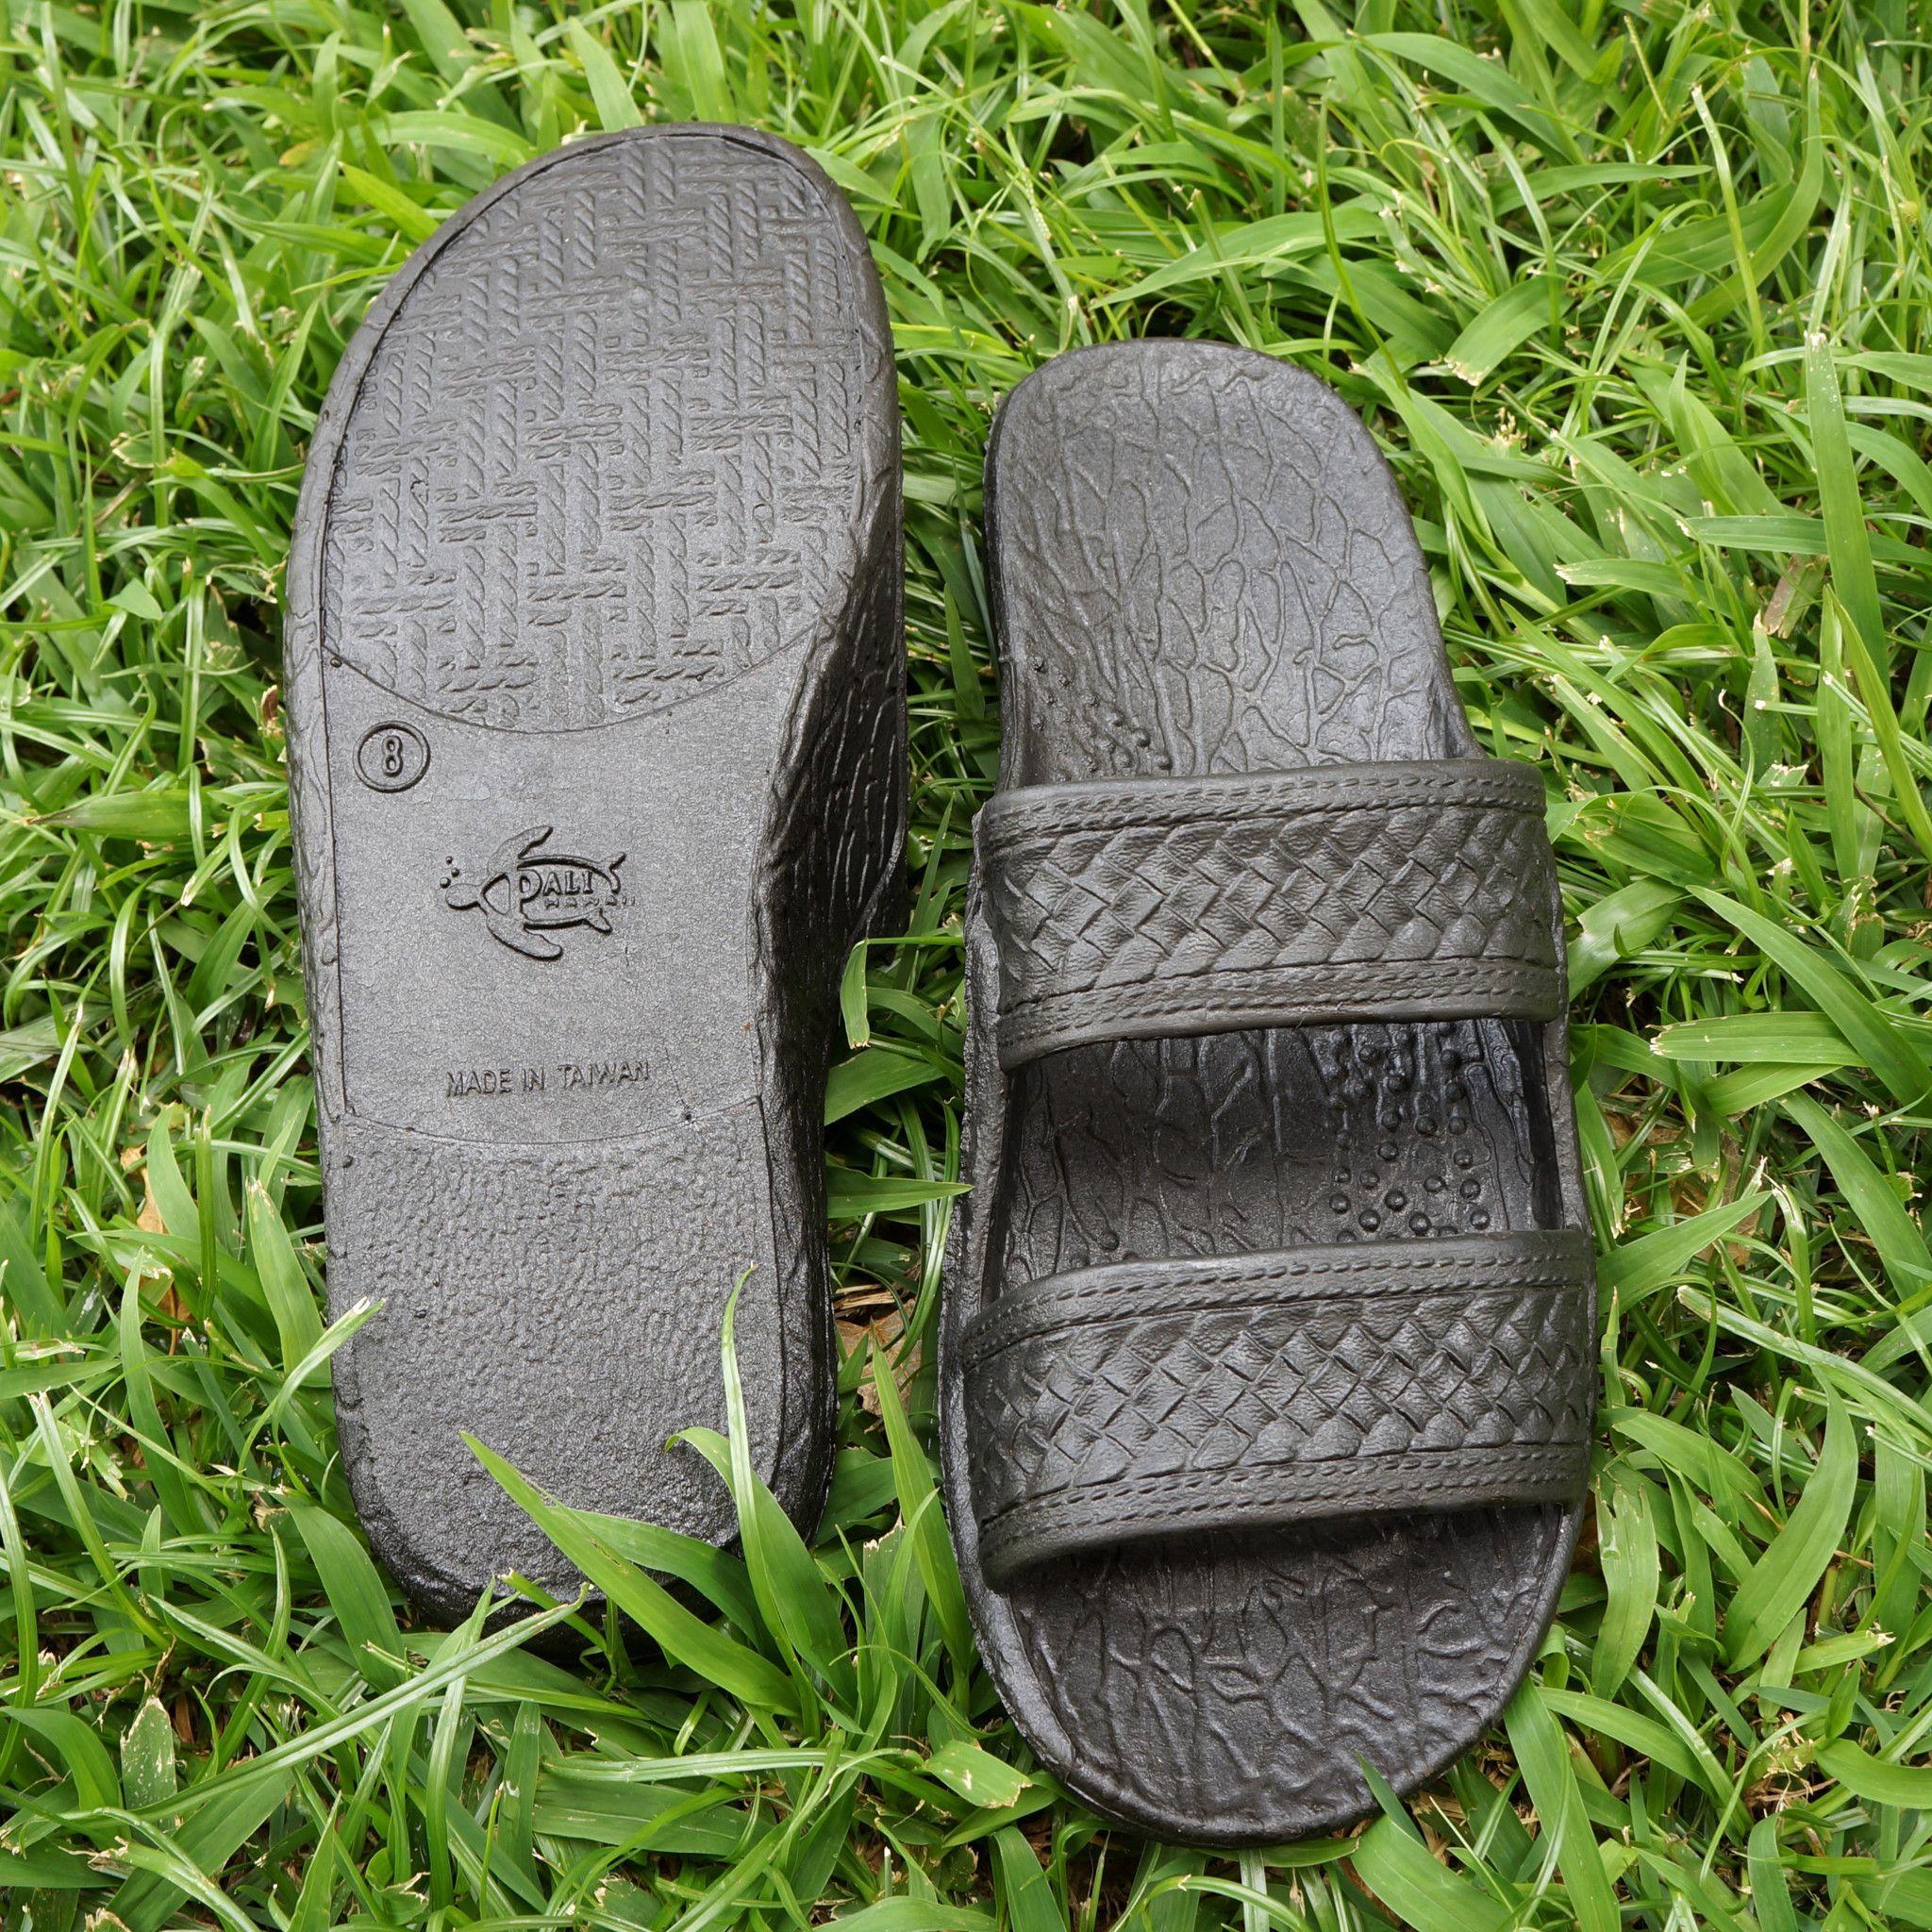 Black jesus sandals - Black Classic Jandals Pali Hawaii Sandals